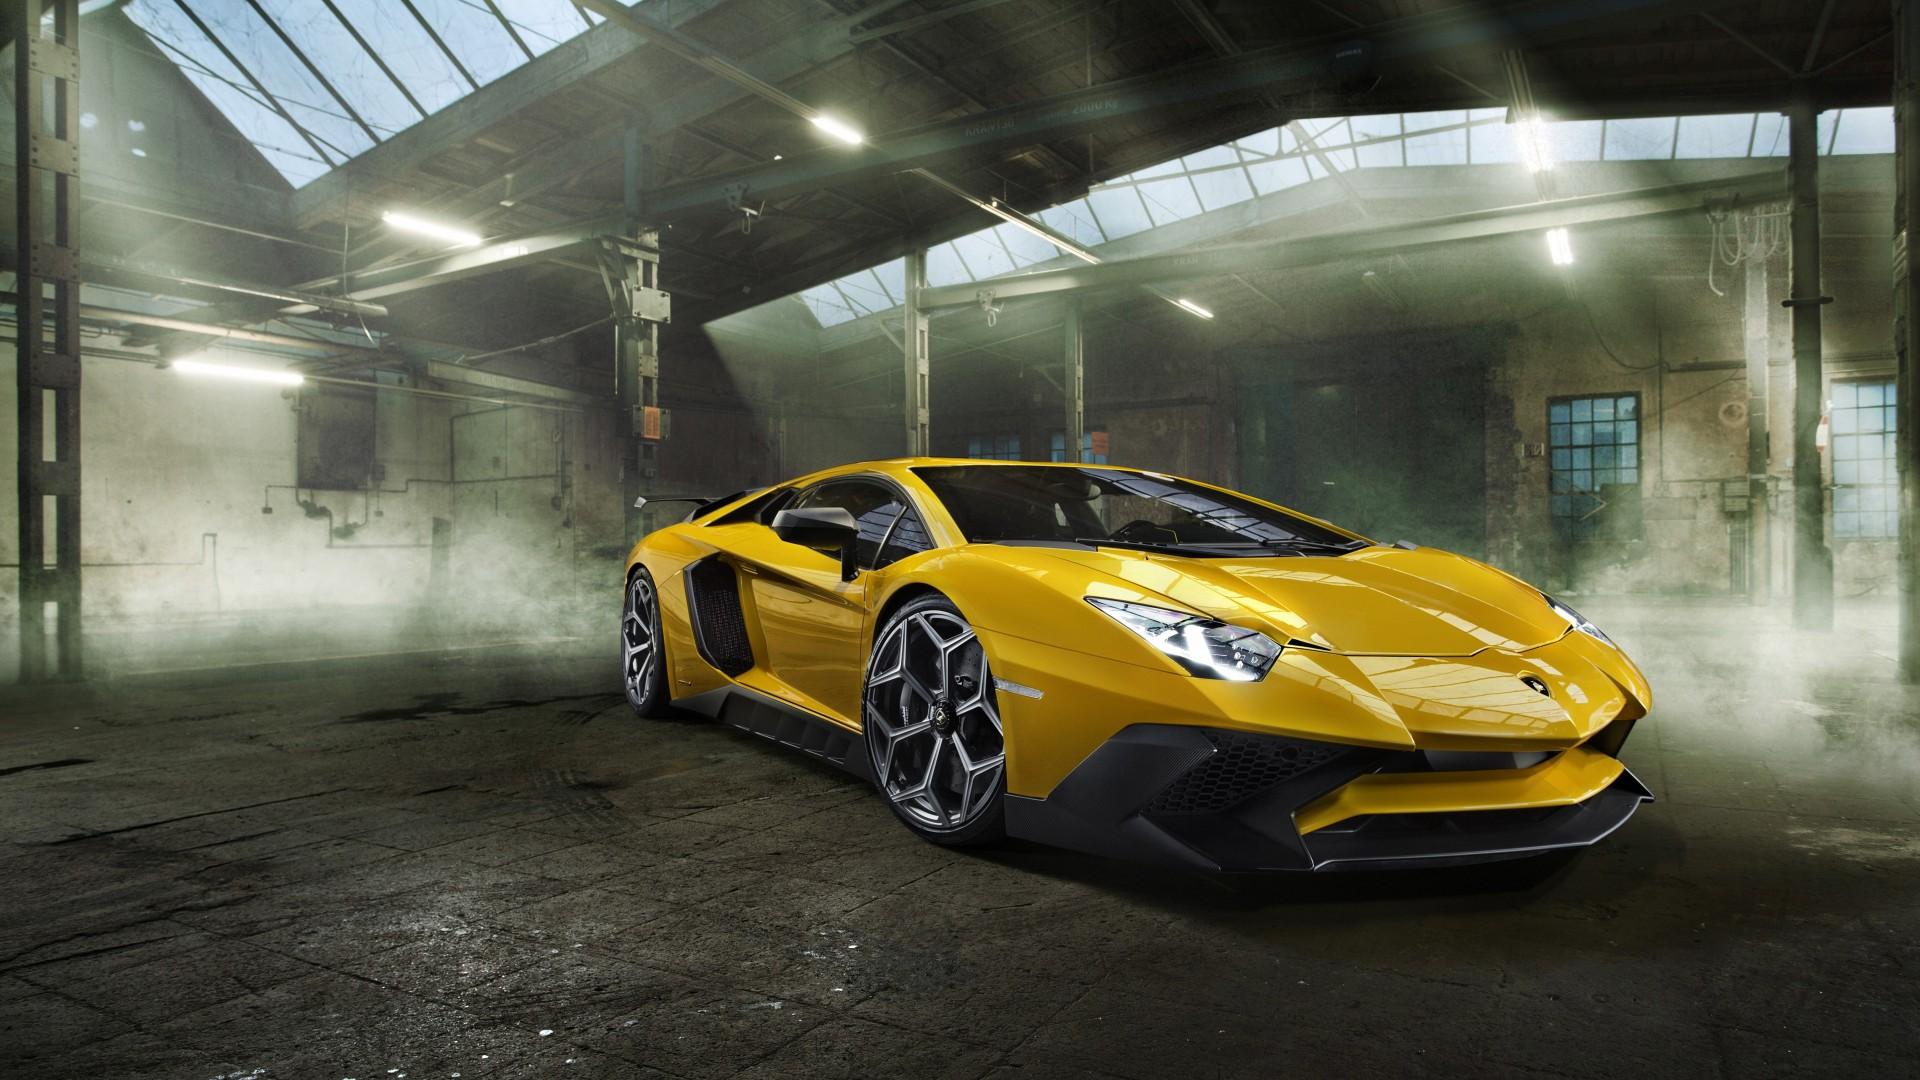 Tuyển chọn 40 hình ảnh xe Lamborghini mang vẻ đẹp tinh tế nhất làm hình nền desktop, hình nền iphone siêu đẹp.